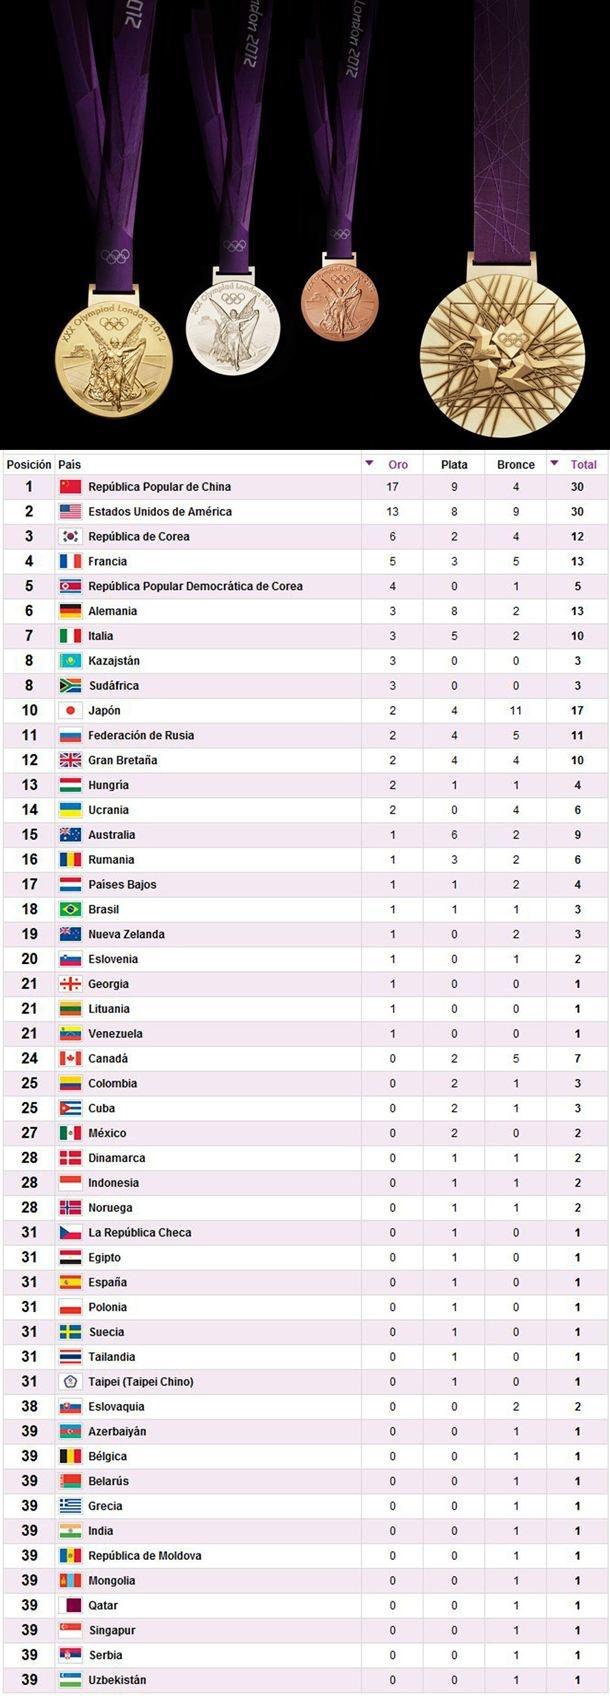 Medallero Londres 2012 por país: dia 6 - Medallero Londres 2012 - posiciones en london 2012, medallero de londres 2012, quien ha ganado mas medallas, cuadro medallero de juegos olimpicos, cuadro de medallas de los juegos olimpicos, cuadro de medallas de los juegos olimpicos 2012, medallas londres 2012 posiciones